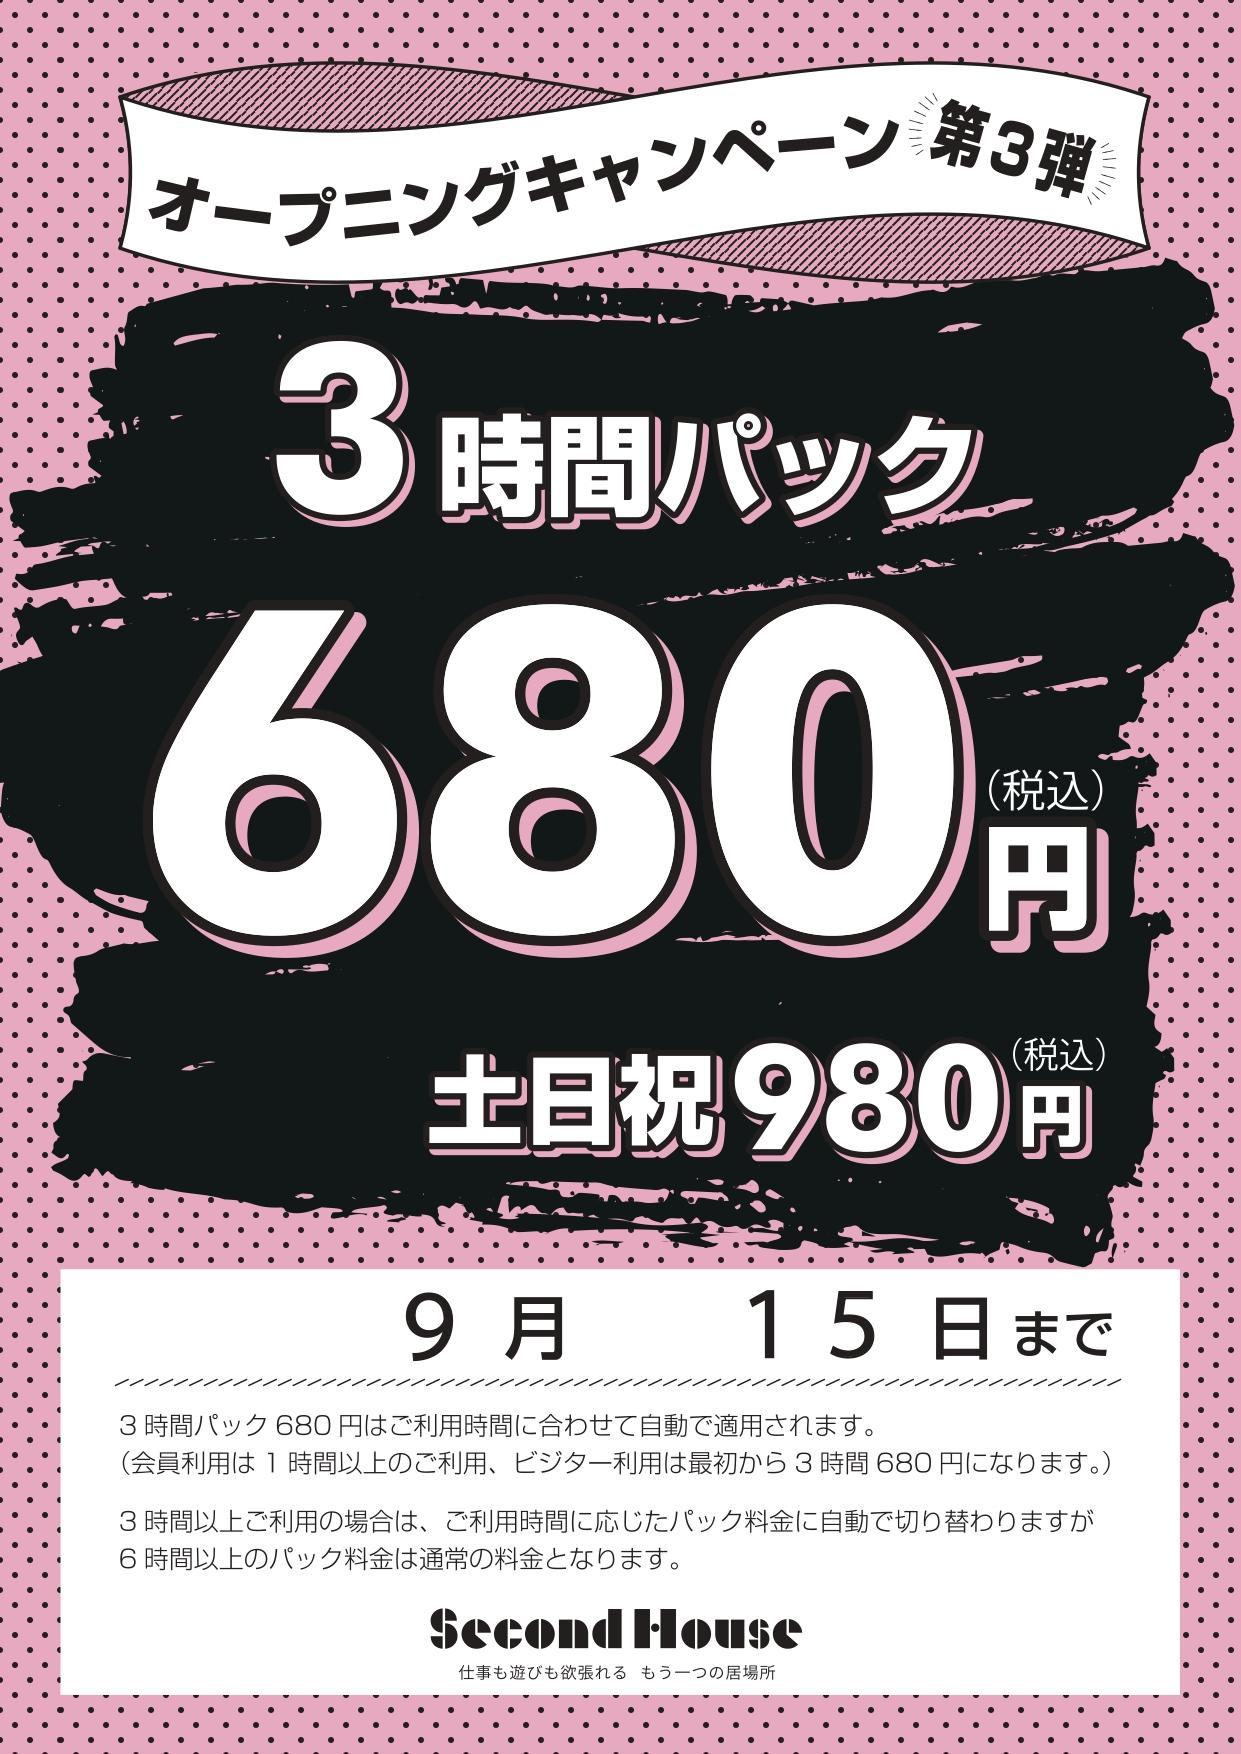 3時間680円